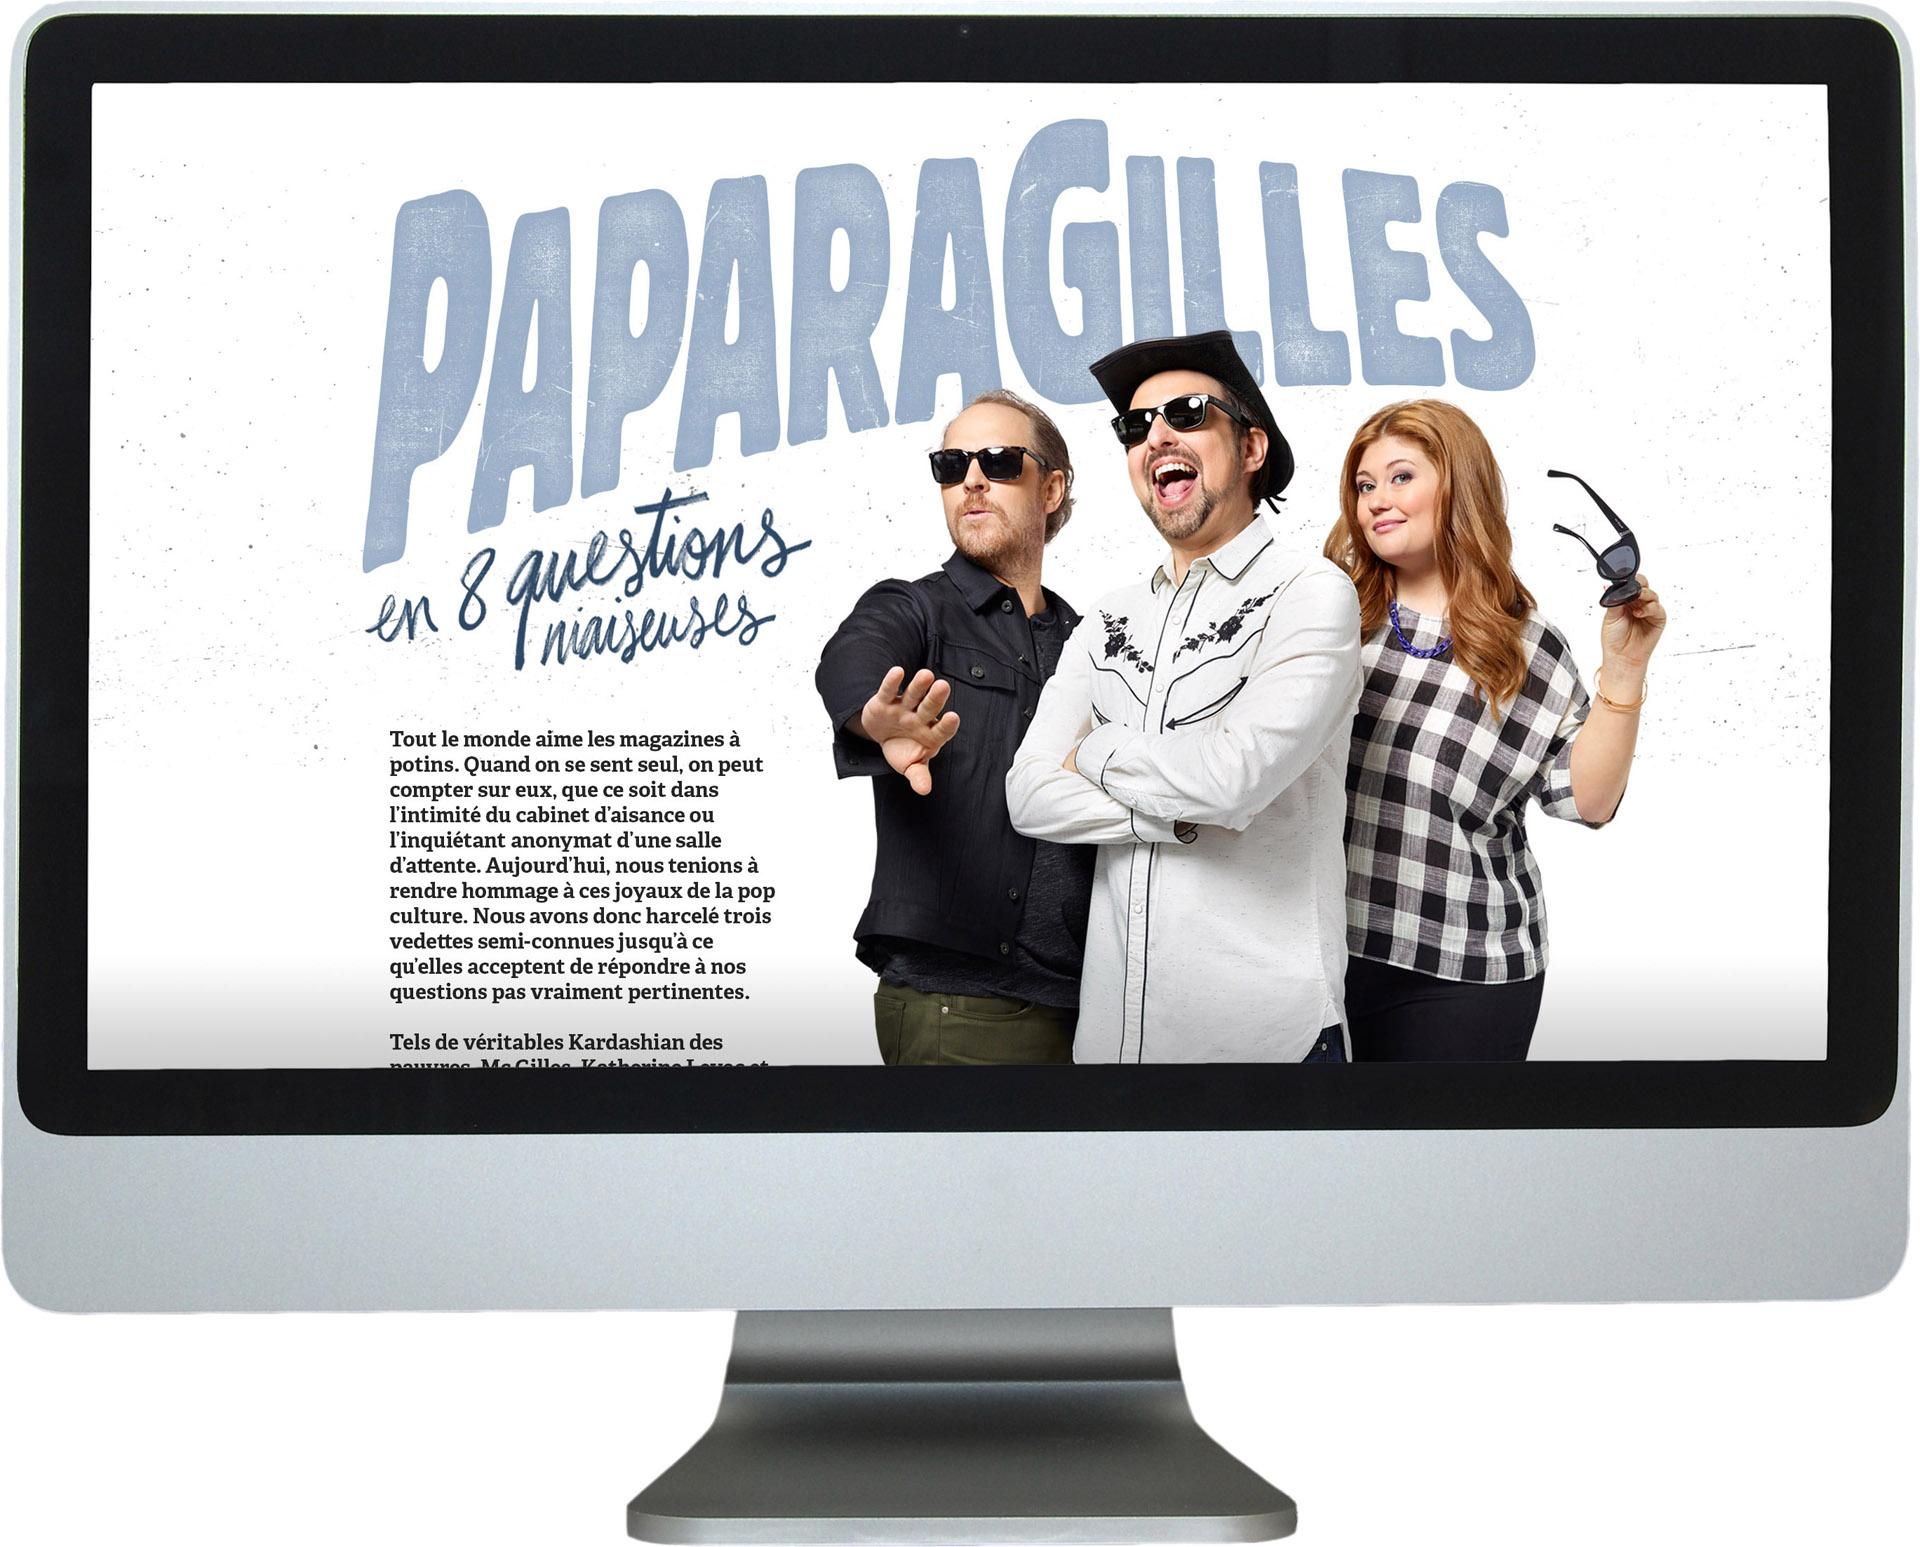 PaparaGilles01